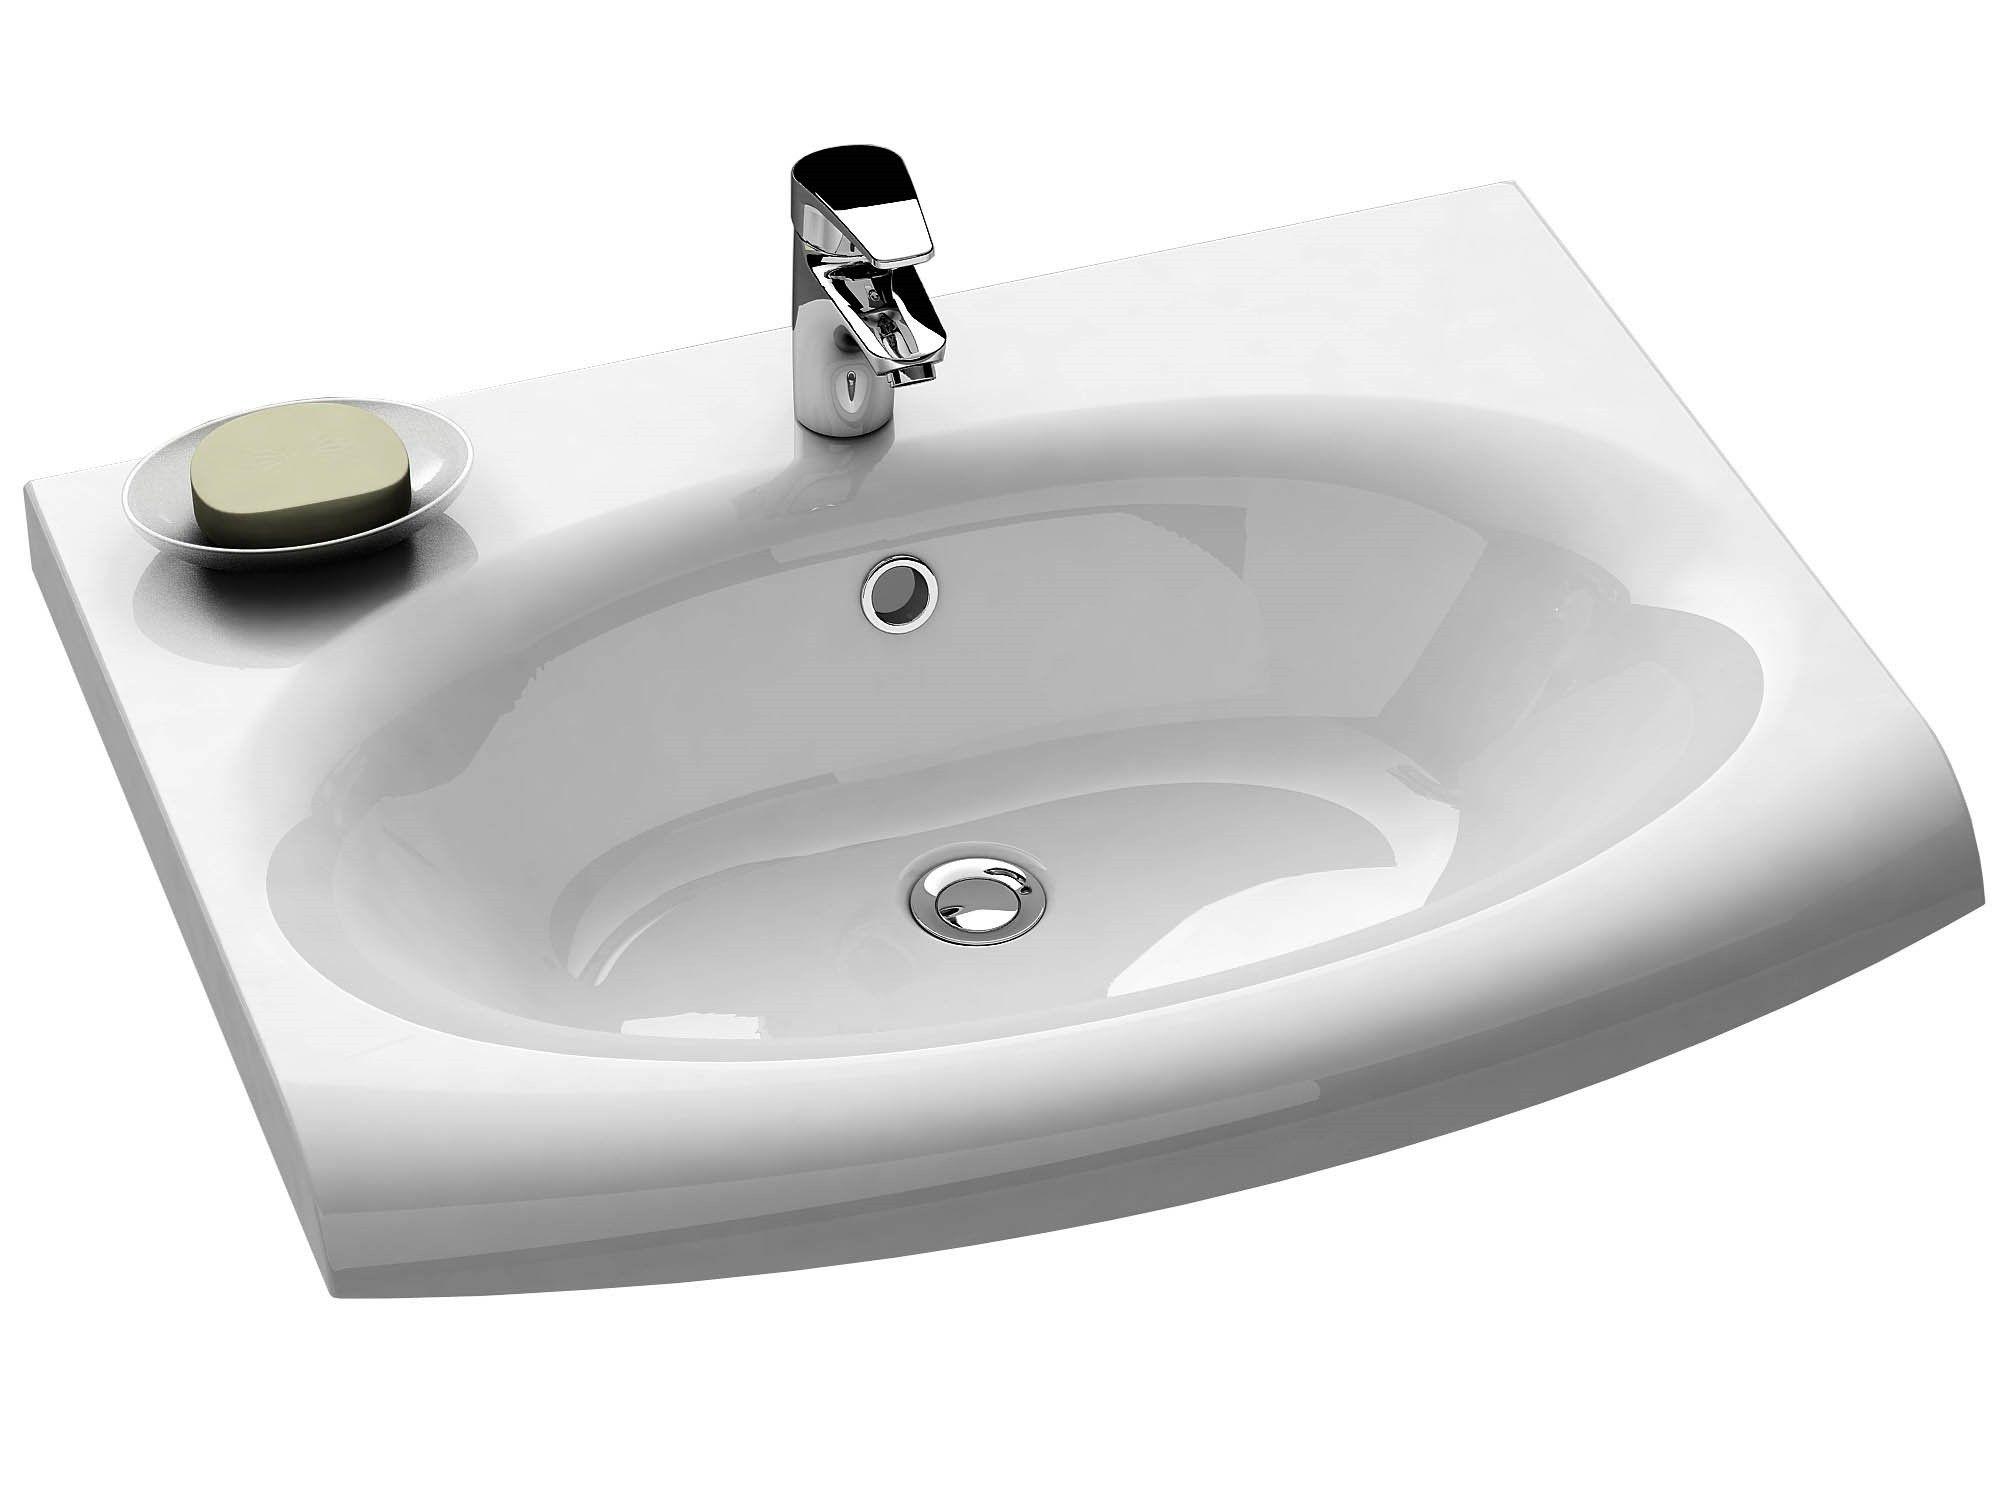 Schön Freistehende Badewanne Bauhaus Design